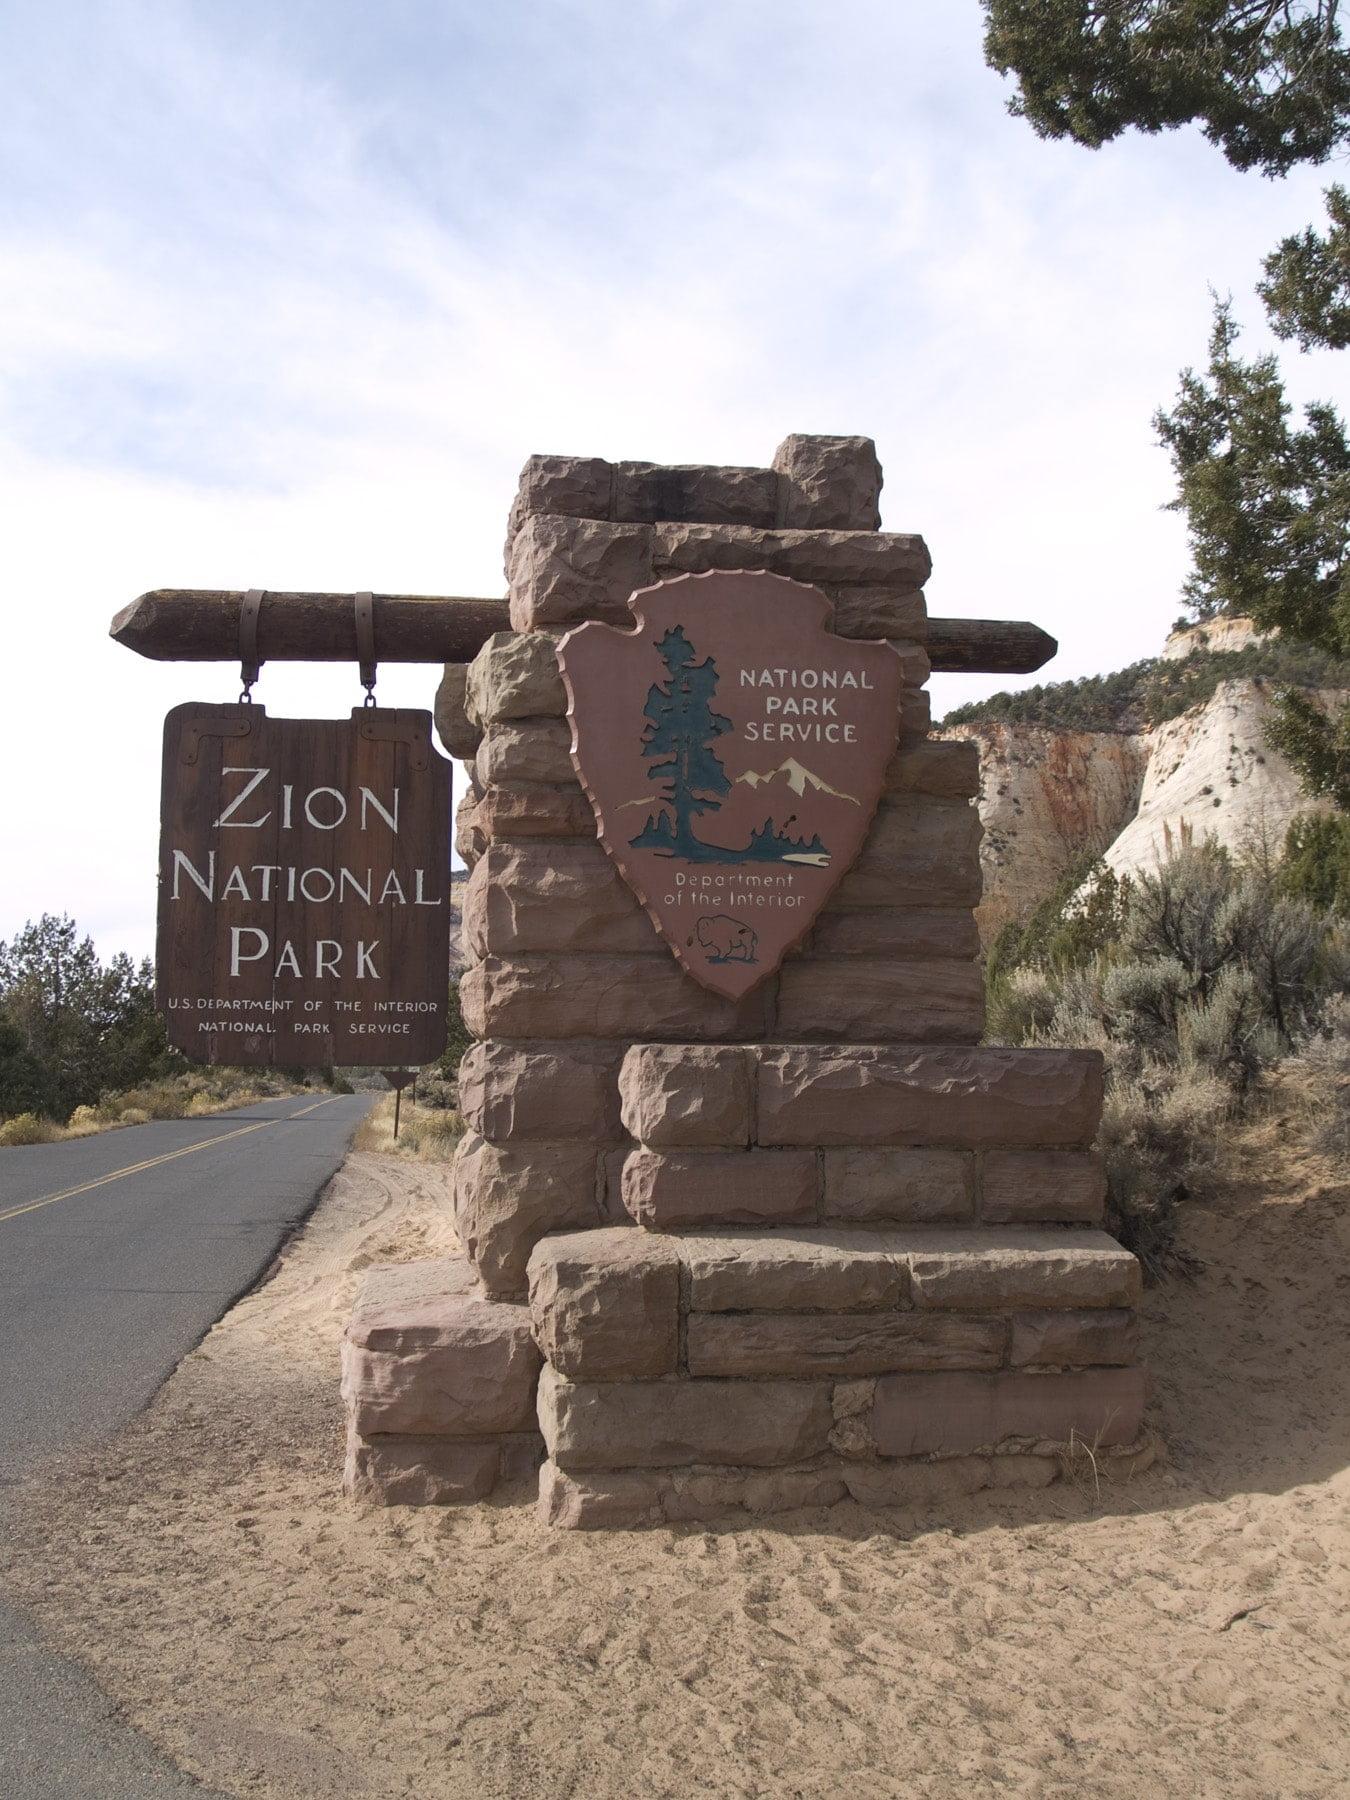 zion national park border